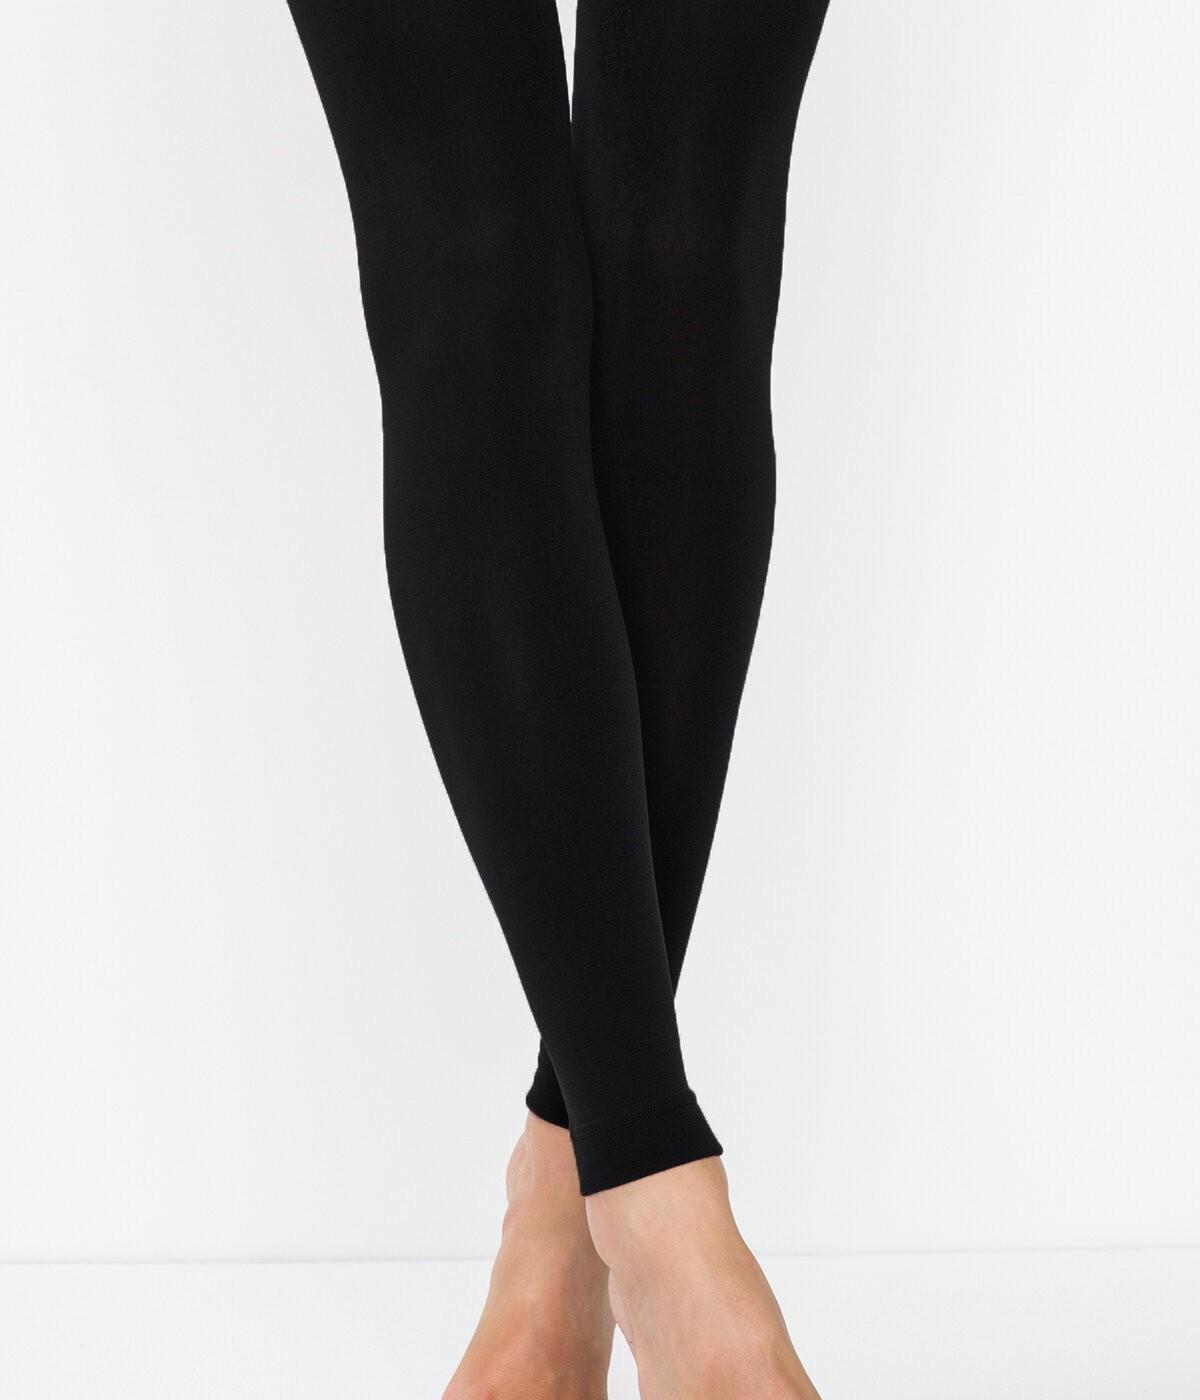 Ciorapi termici pentru pantalon